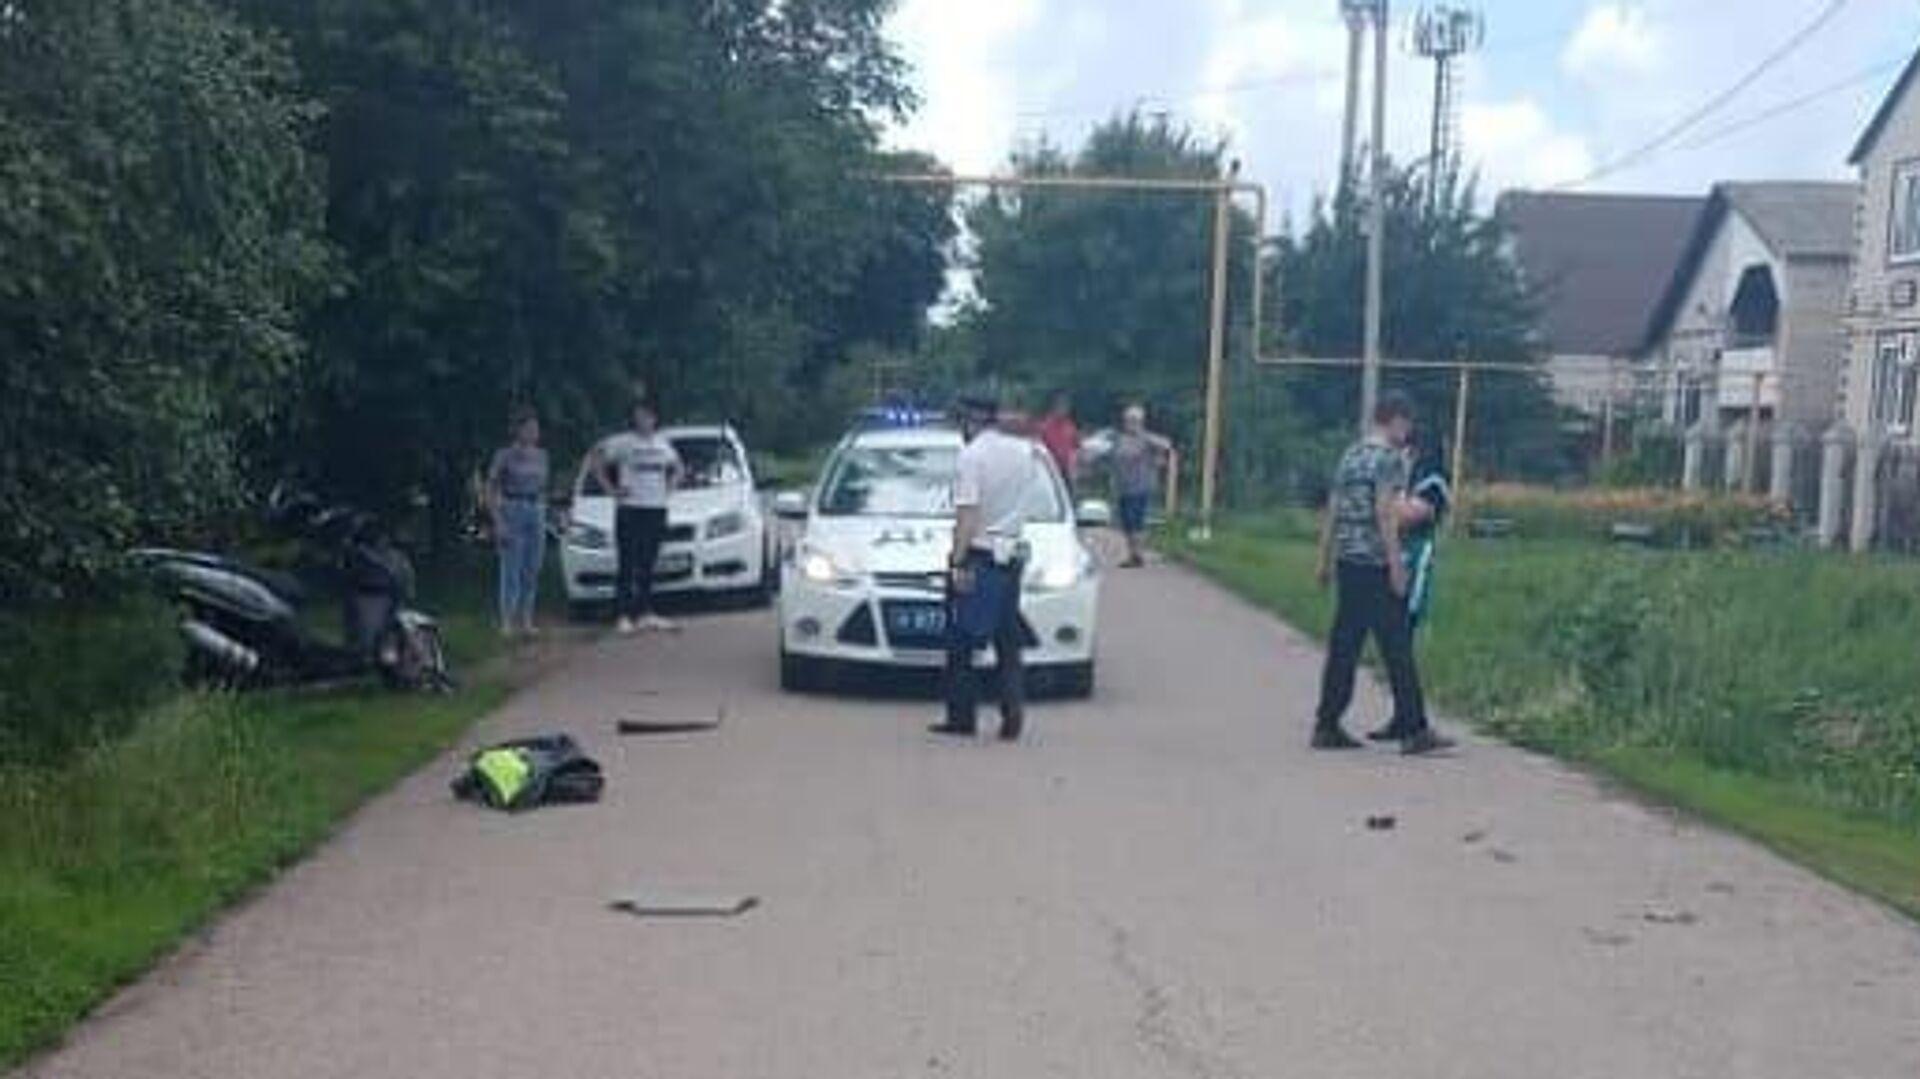 На месте ДТП в Донецке Ростовской области, где 14-летний мотоциклист наехал на четырехлетнюю девочку - РИА Новости, 1920, 13.06.2021